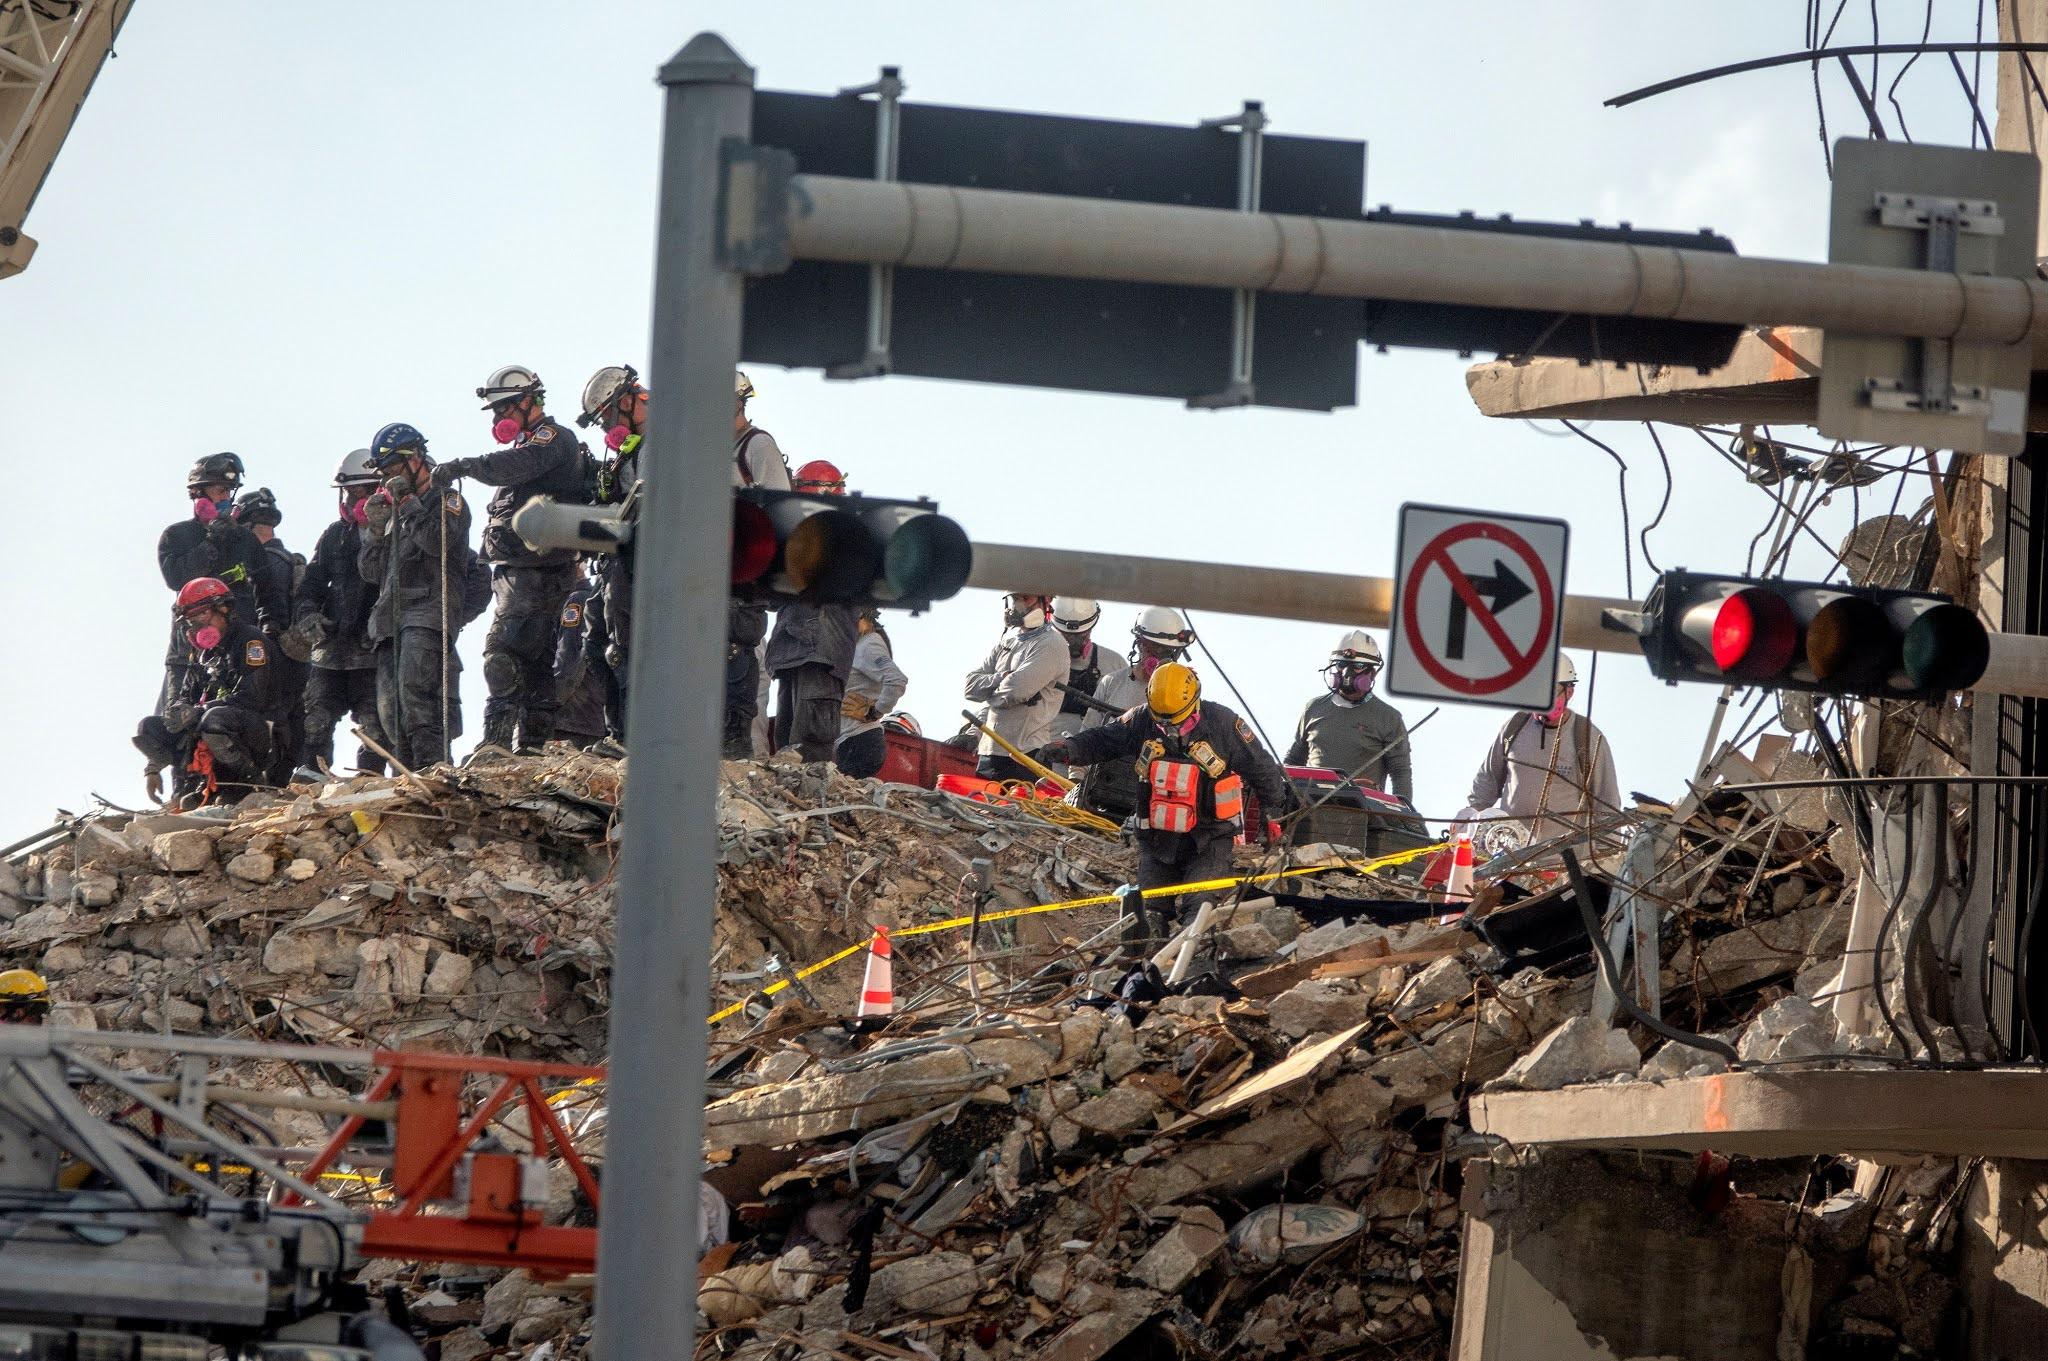 Derrumbe en Miami: las autoridades ya reportan 10 muertos y 151 desaparecidos